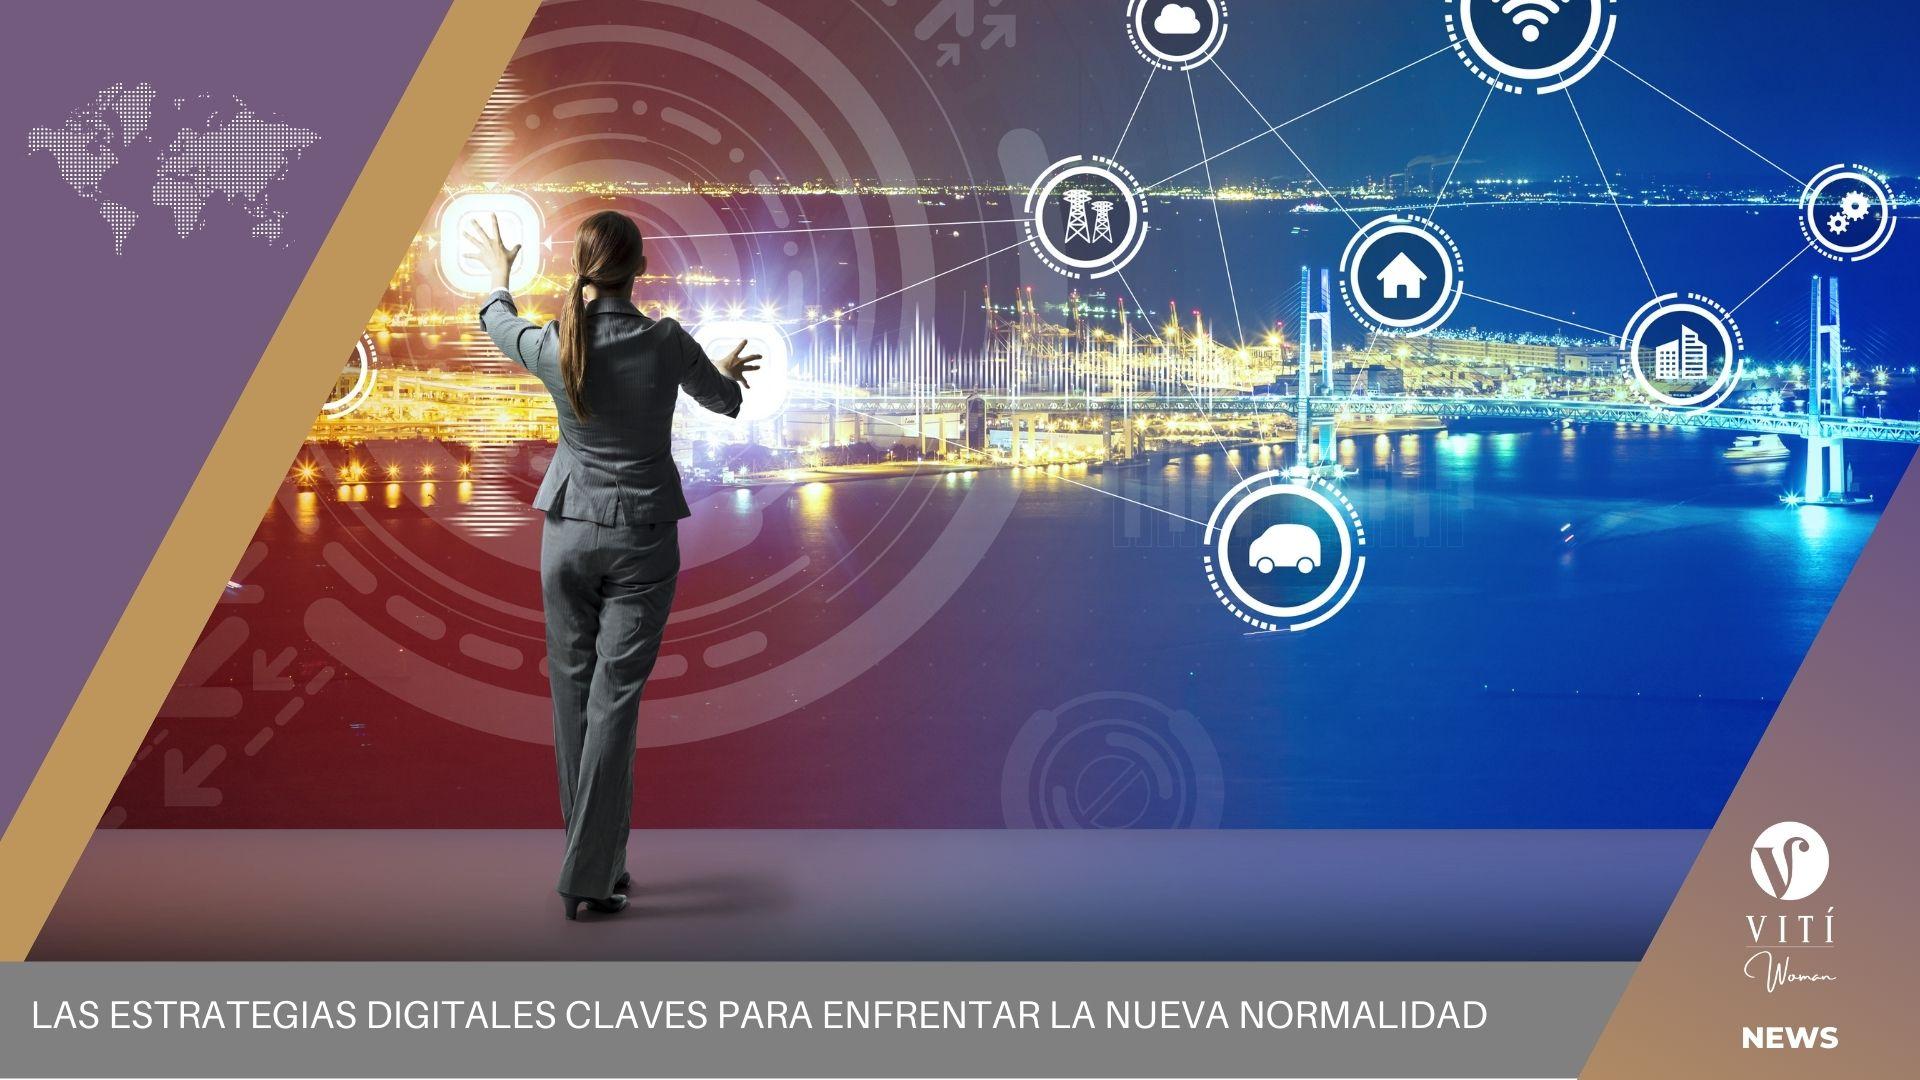 Las estrategias digitales claves para enfrentar  la nueva normalidad